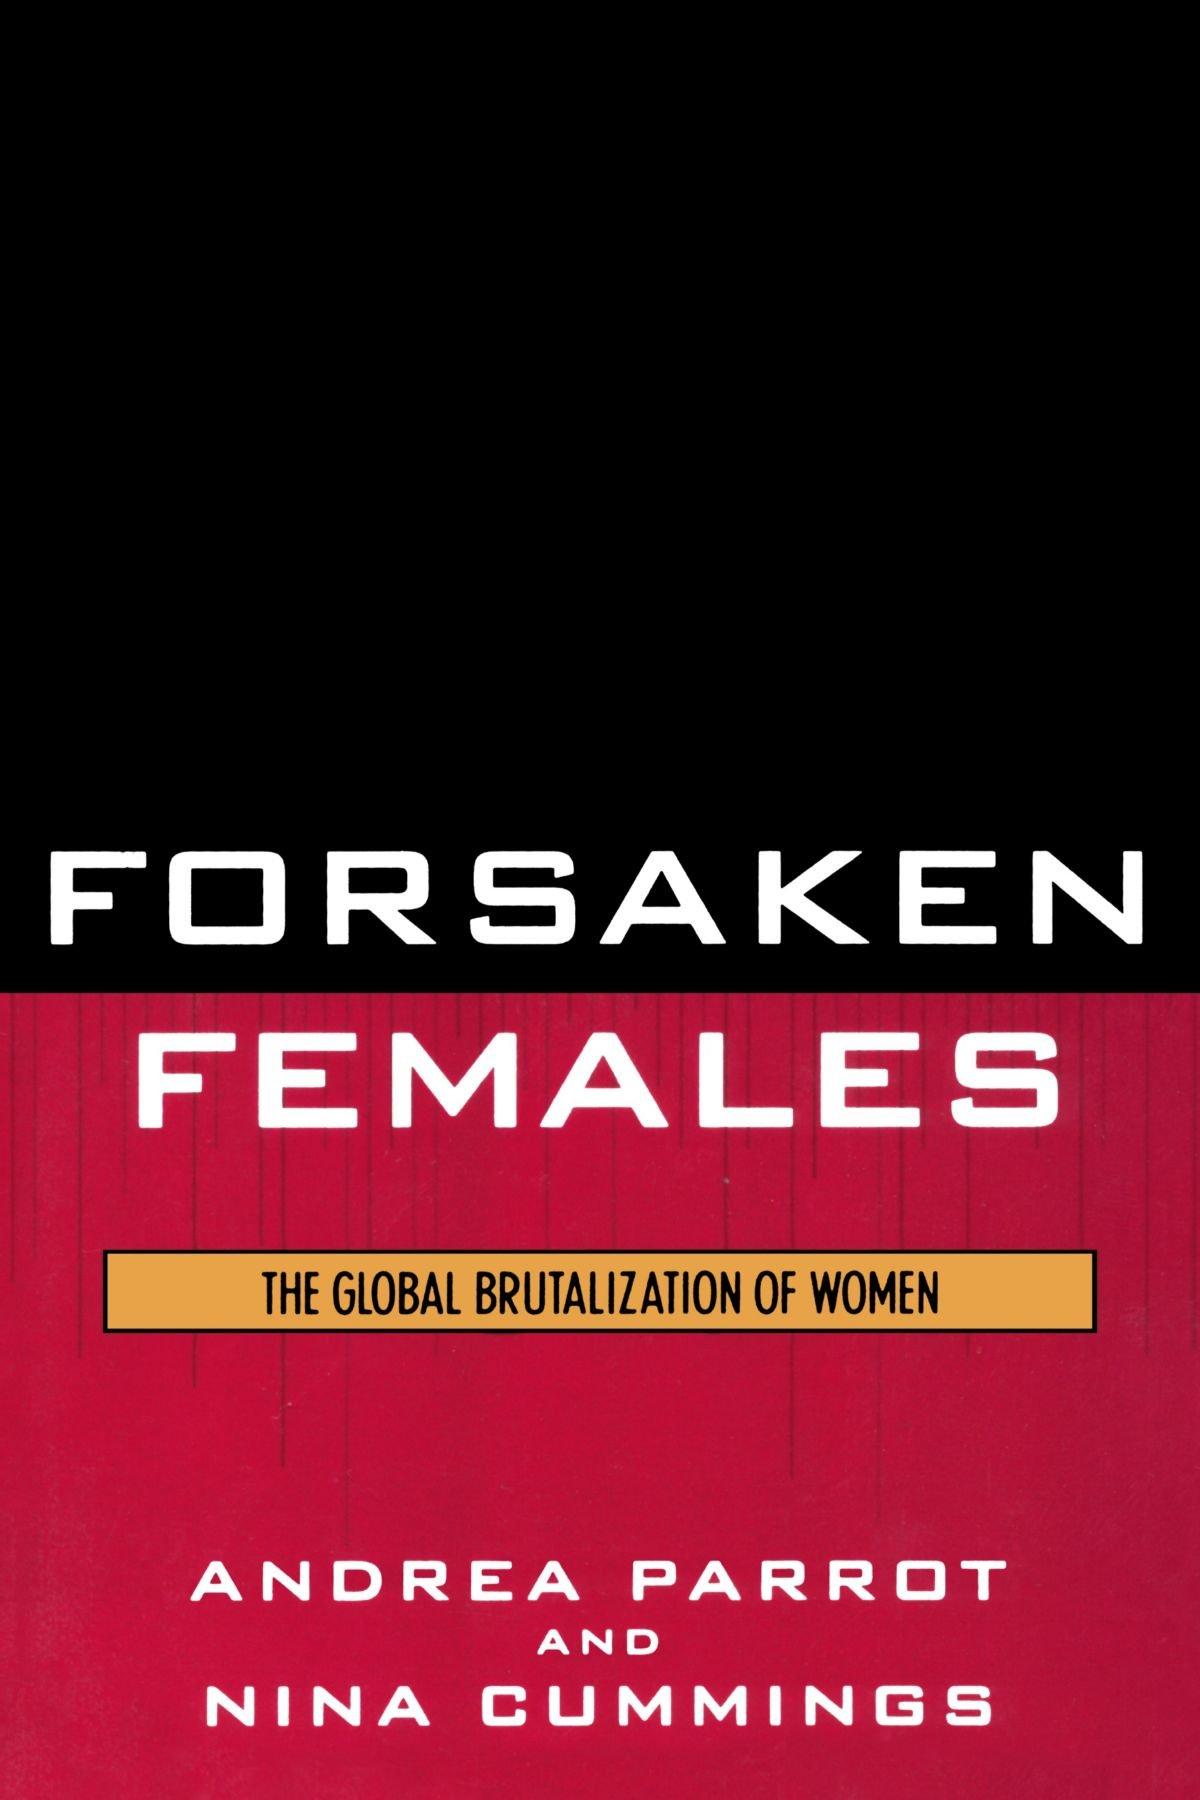 Forsaken Females: The Global Brutalization of Women